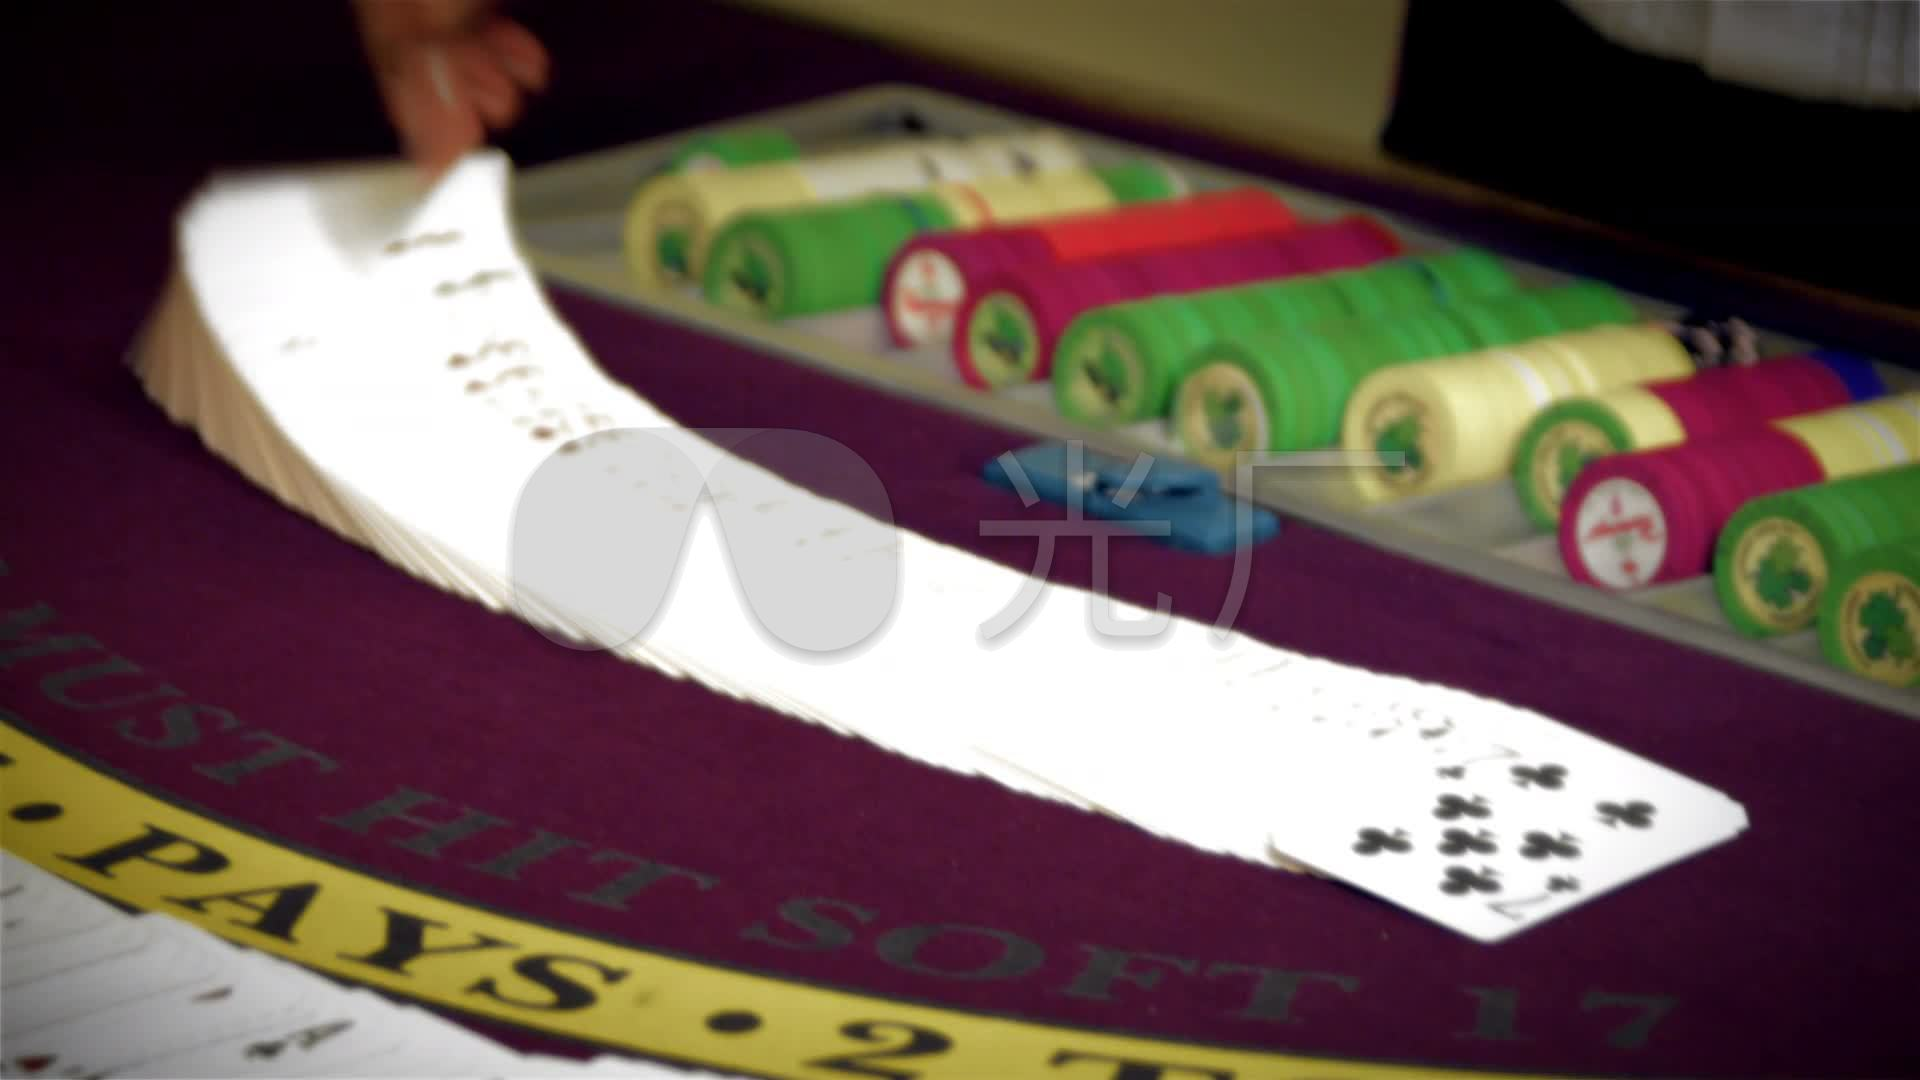 赌场荷官赌桌上洗扑克牌视频教程慢动作_192技巧雕刻教程人体技法图片